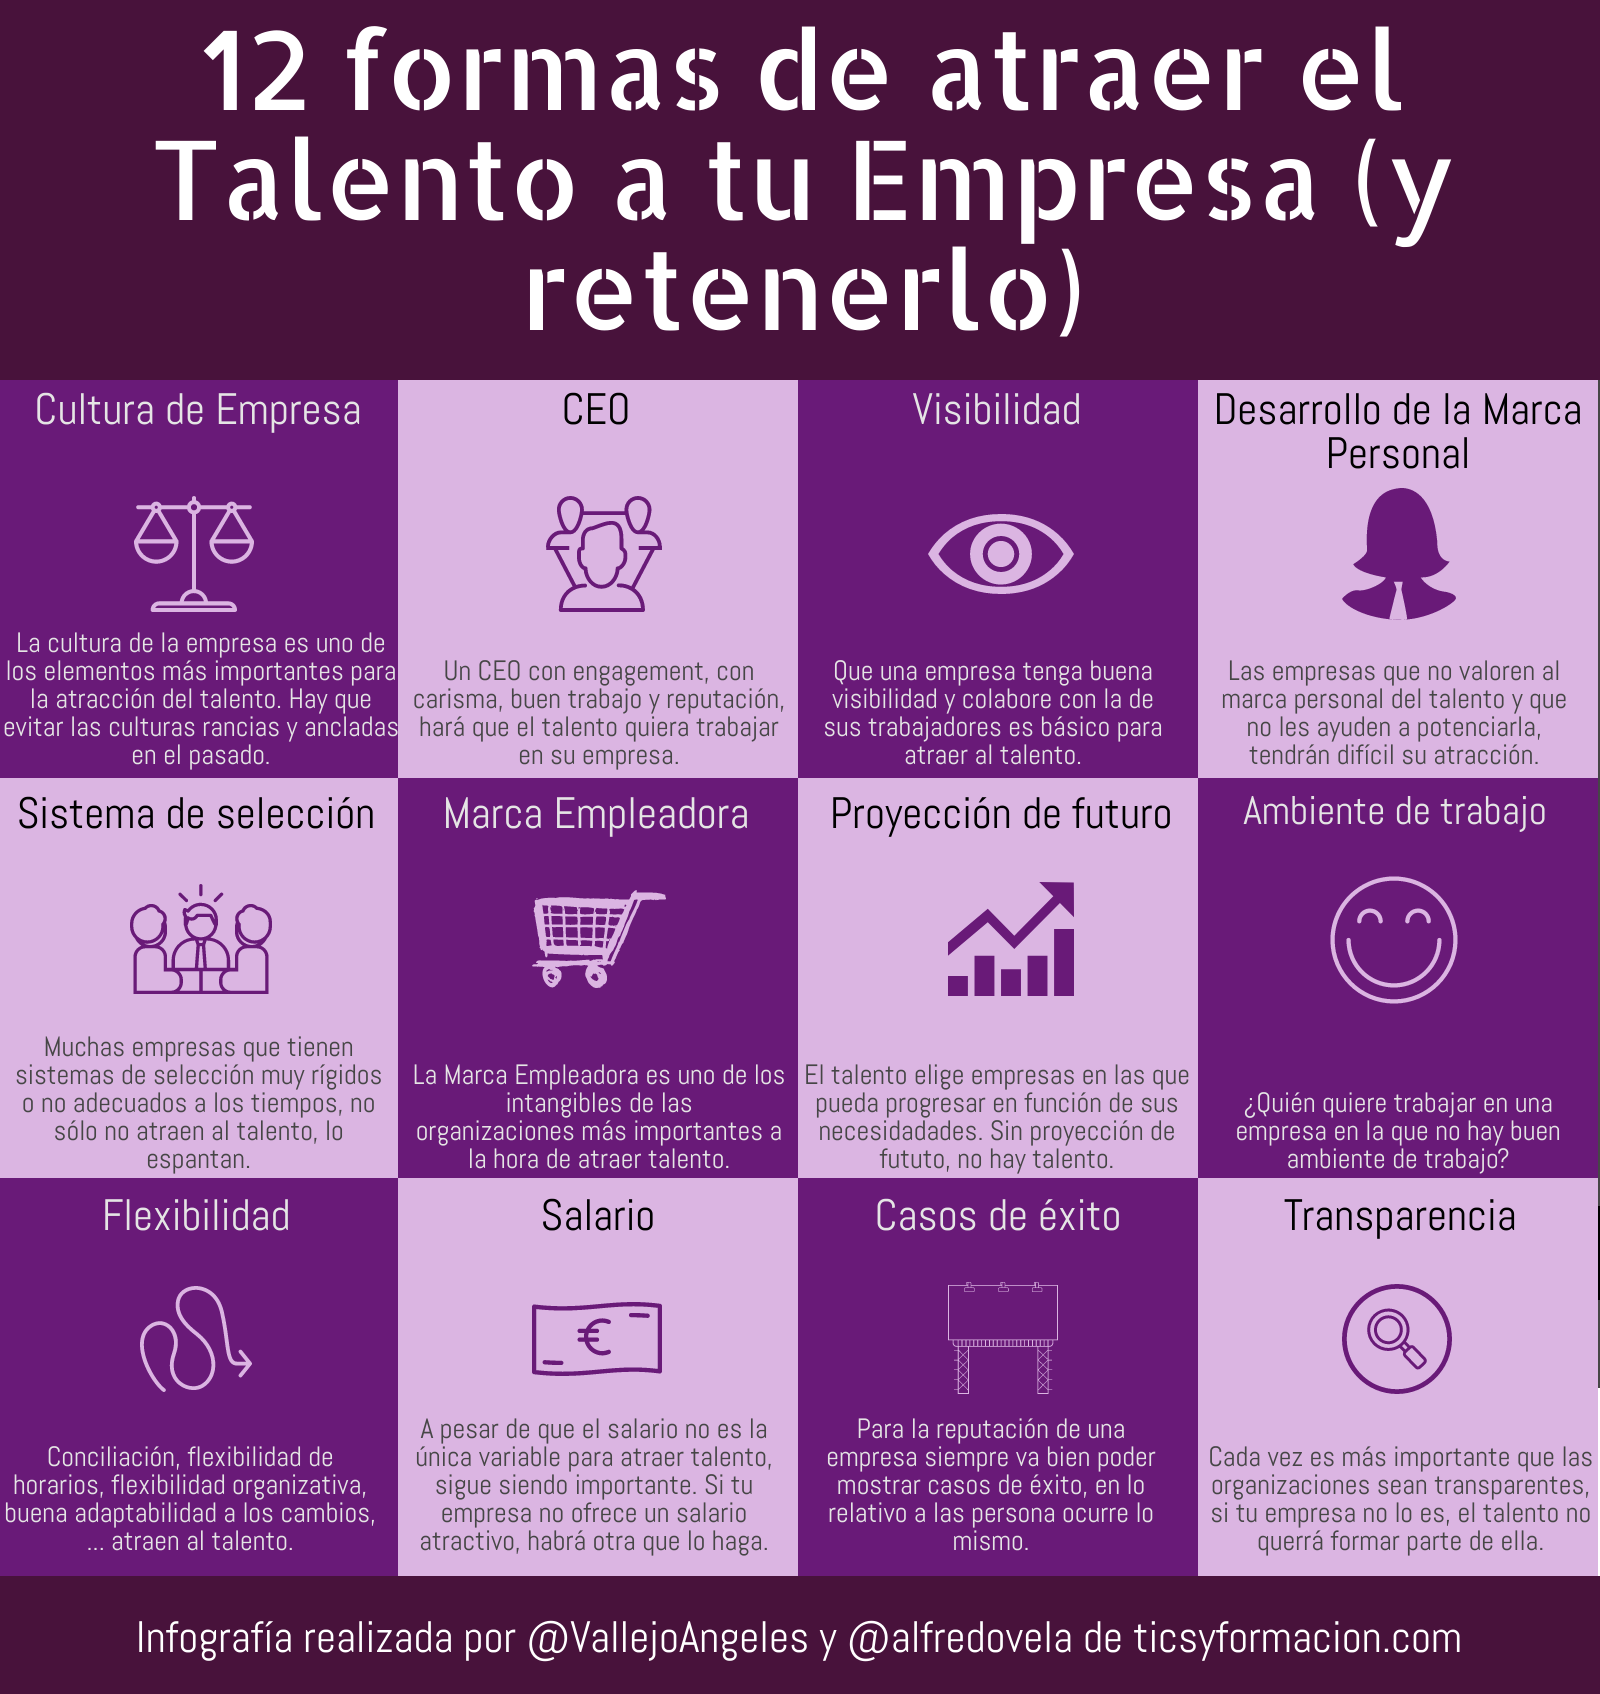 12 formas de atraer el Talento a tu empresa (y retenerlo) #infografia #talento #rrhh